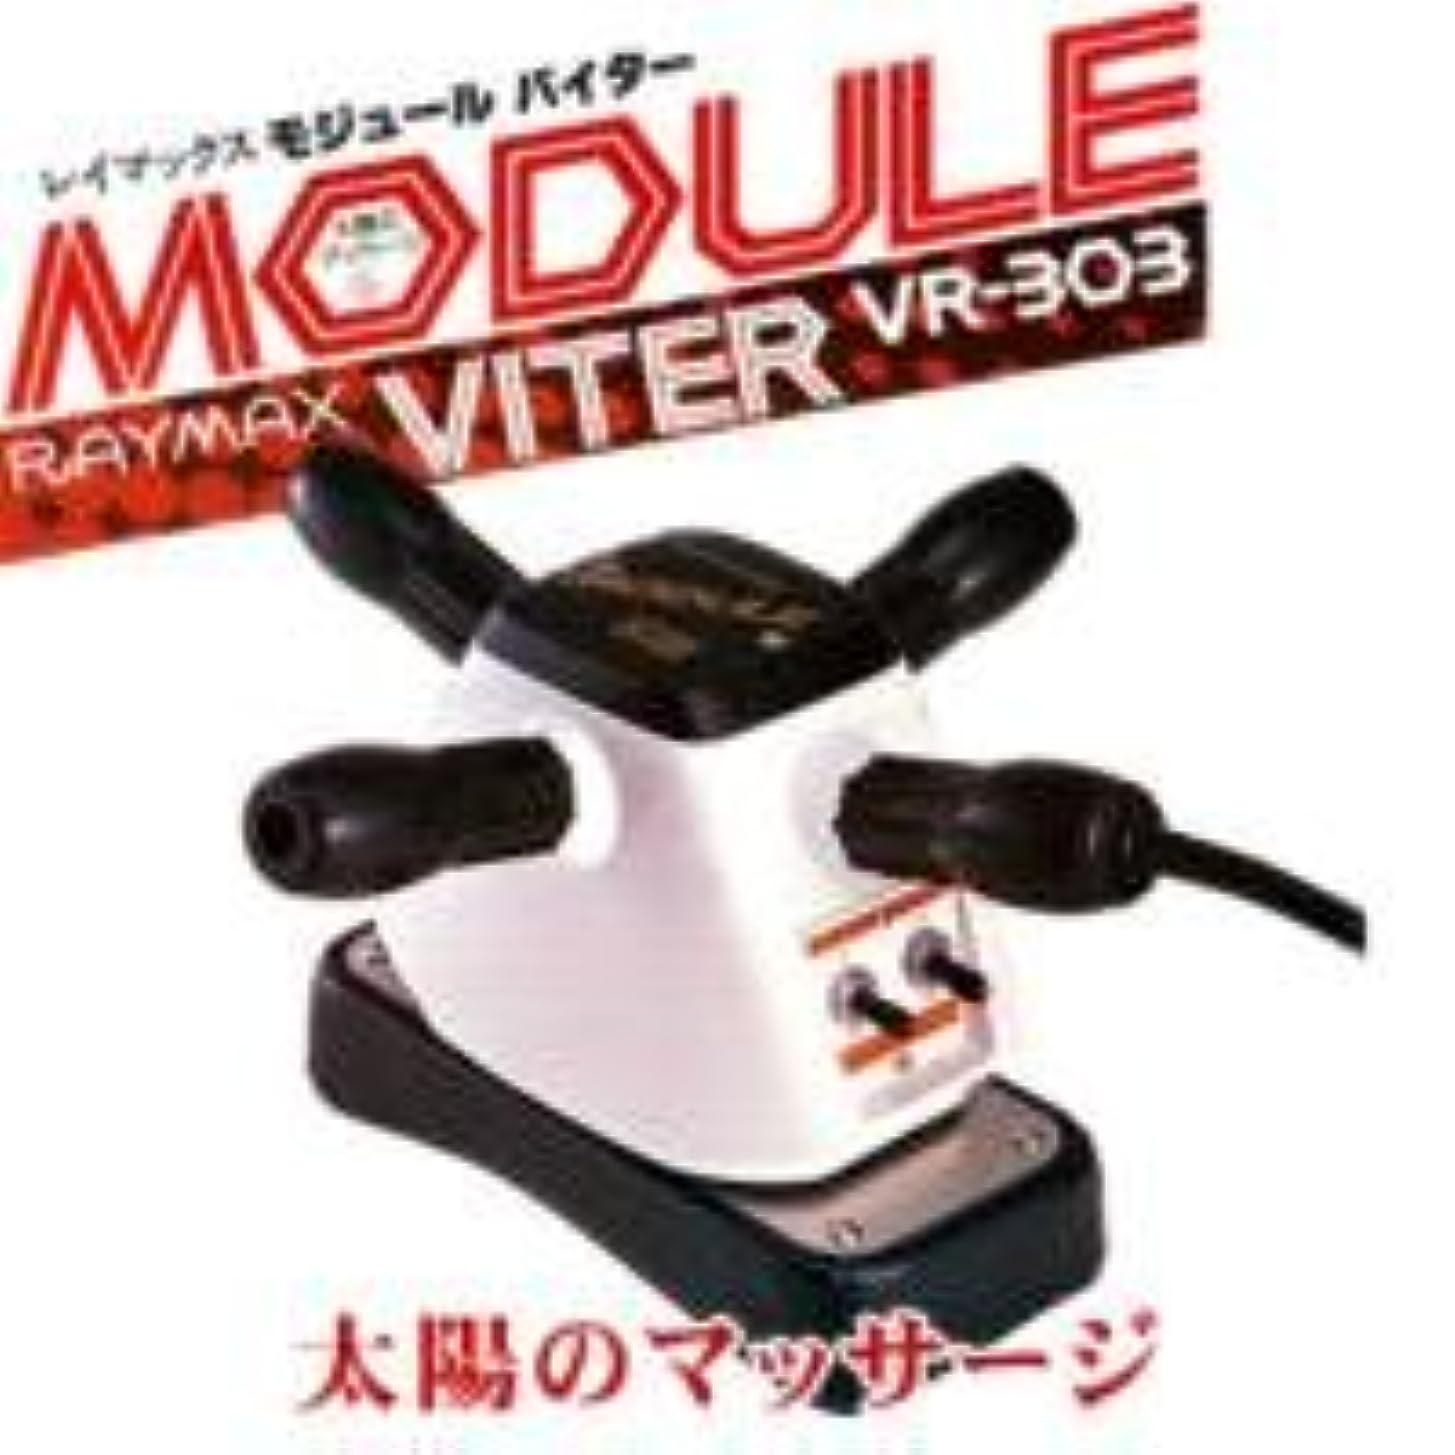 廃棄する醸造所呼吸レイマックス モジュール バイター VR-303